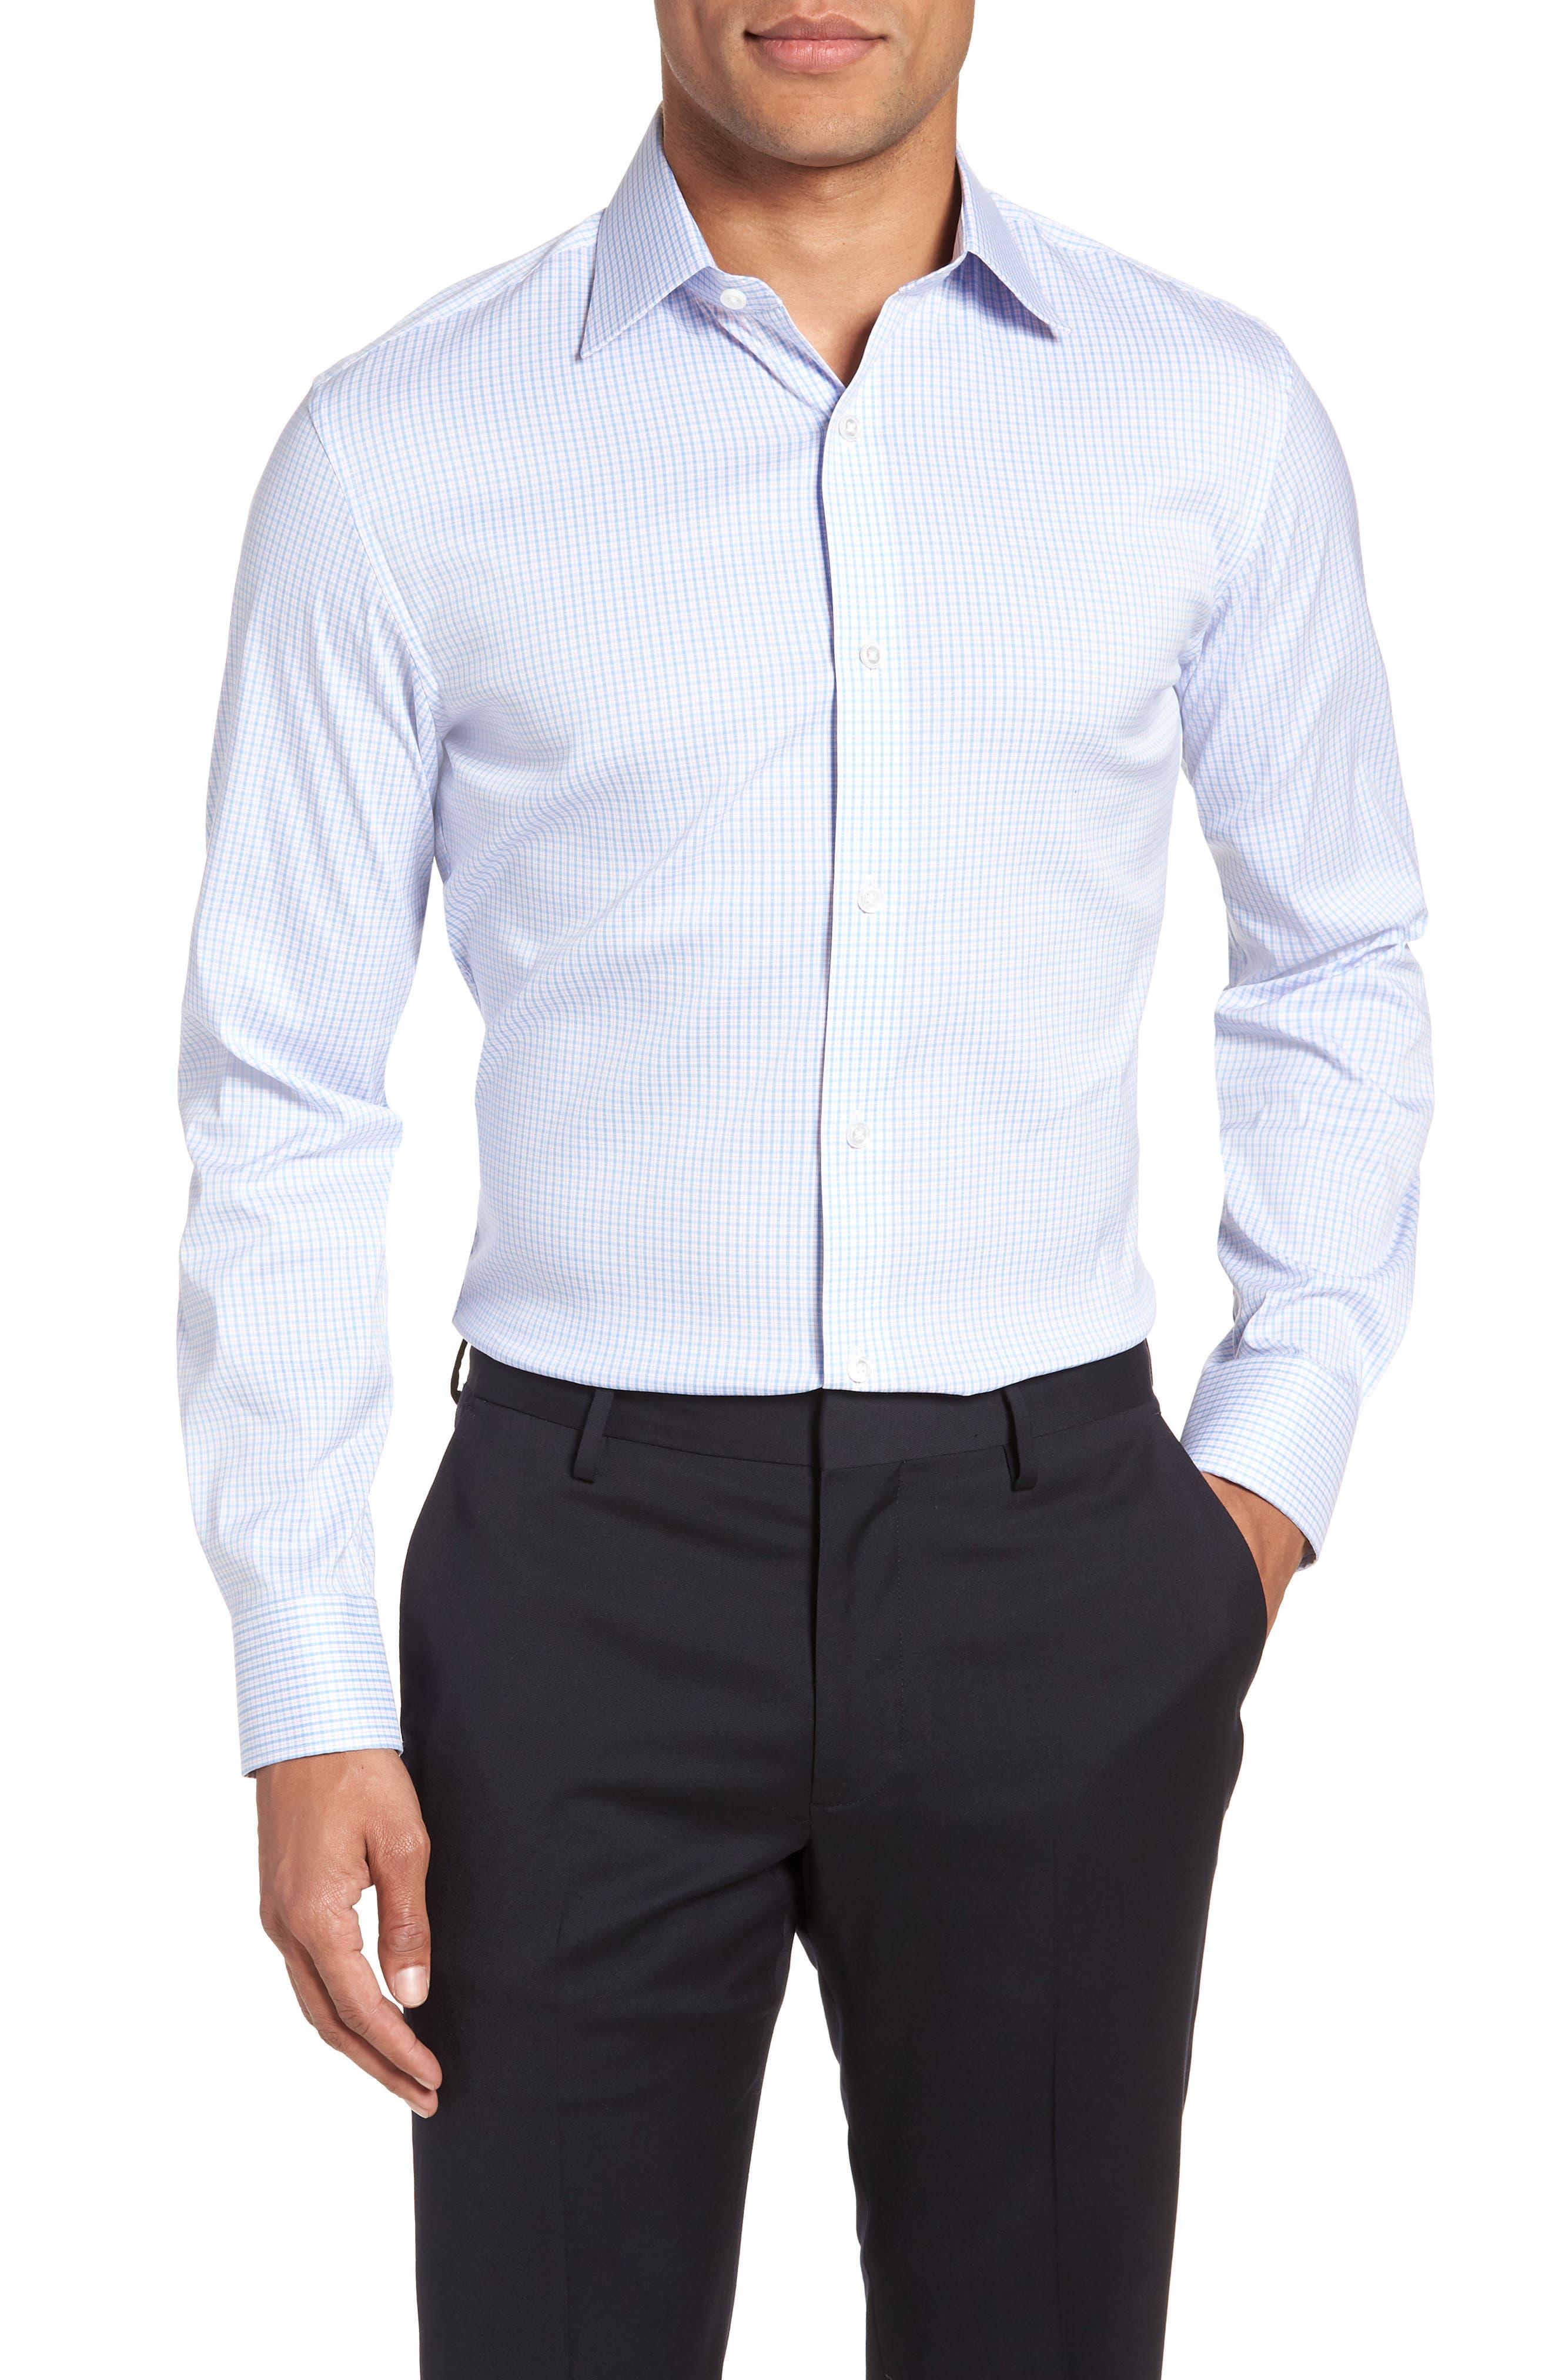 Soundview Slim Fit Stretch Check Dress Shirt,                         Main,                         color, 400